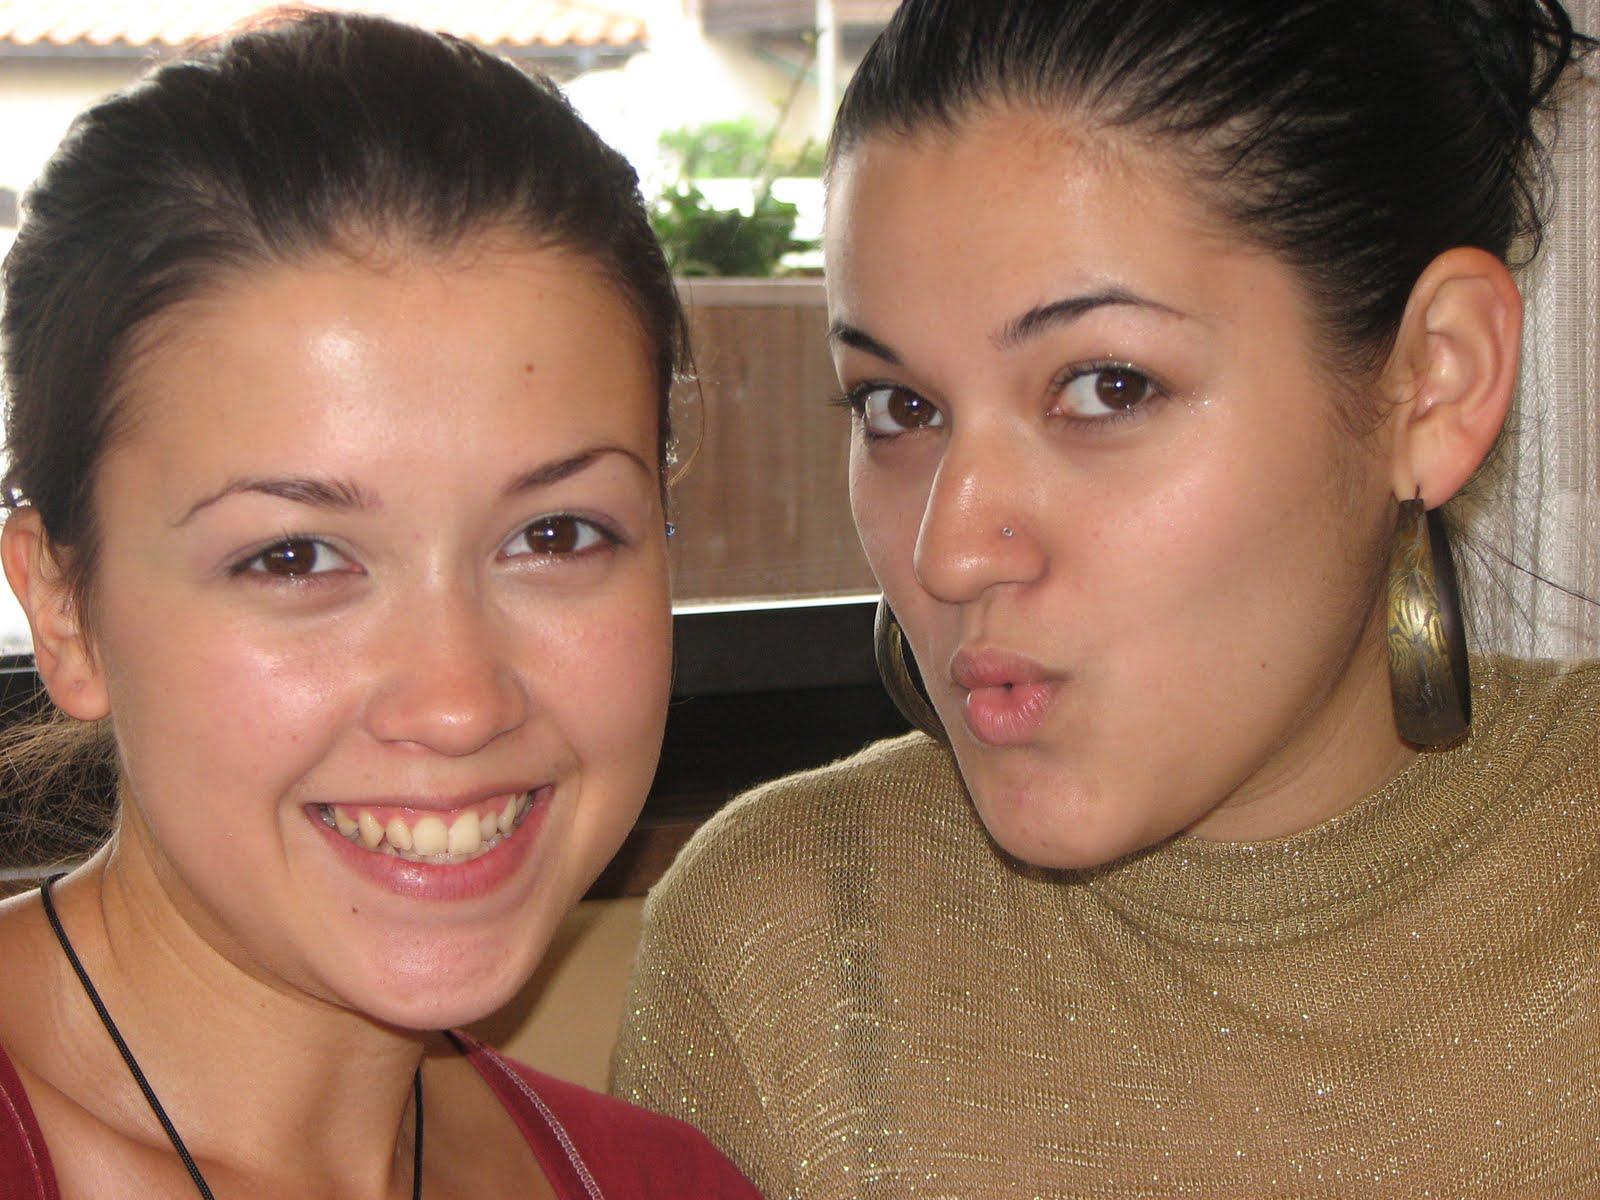 [happy+sisters.JPG]